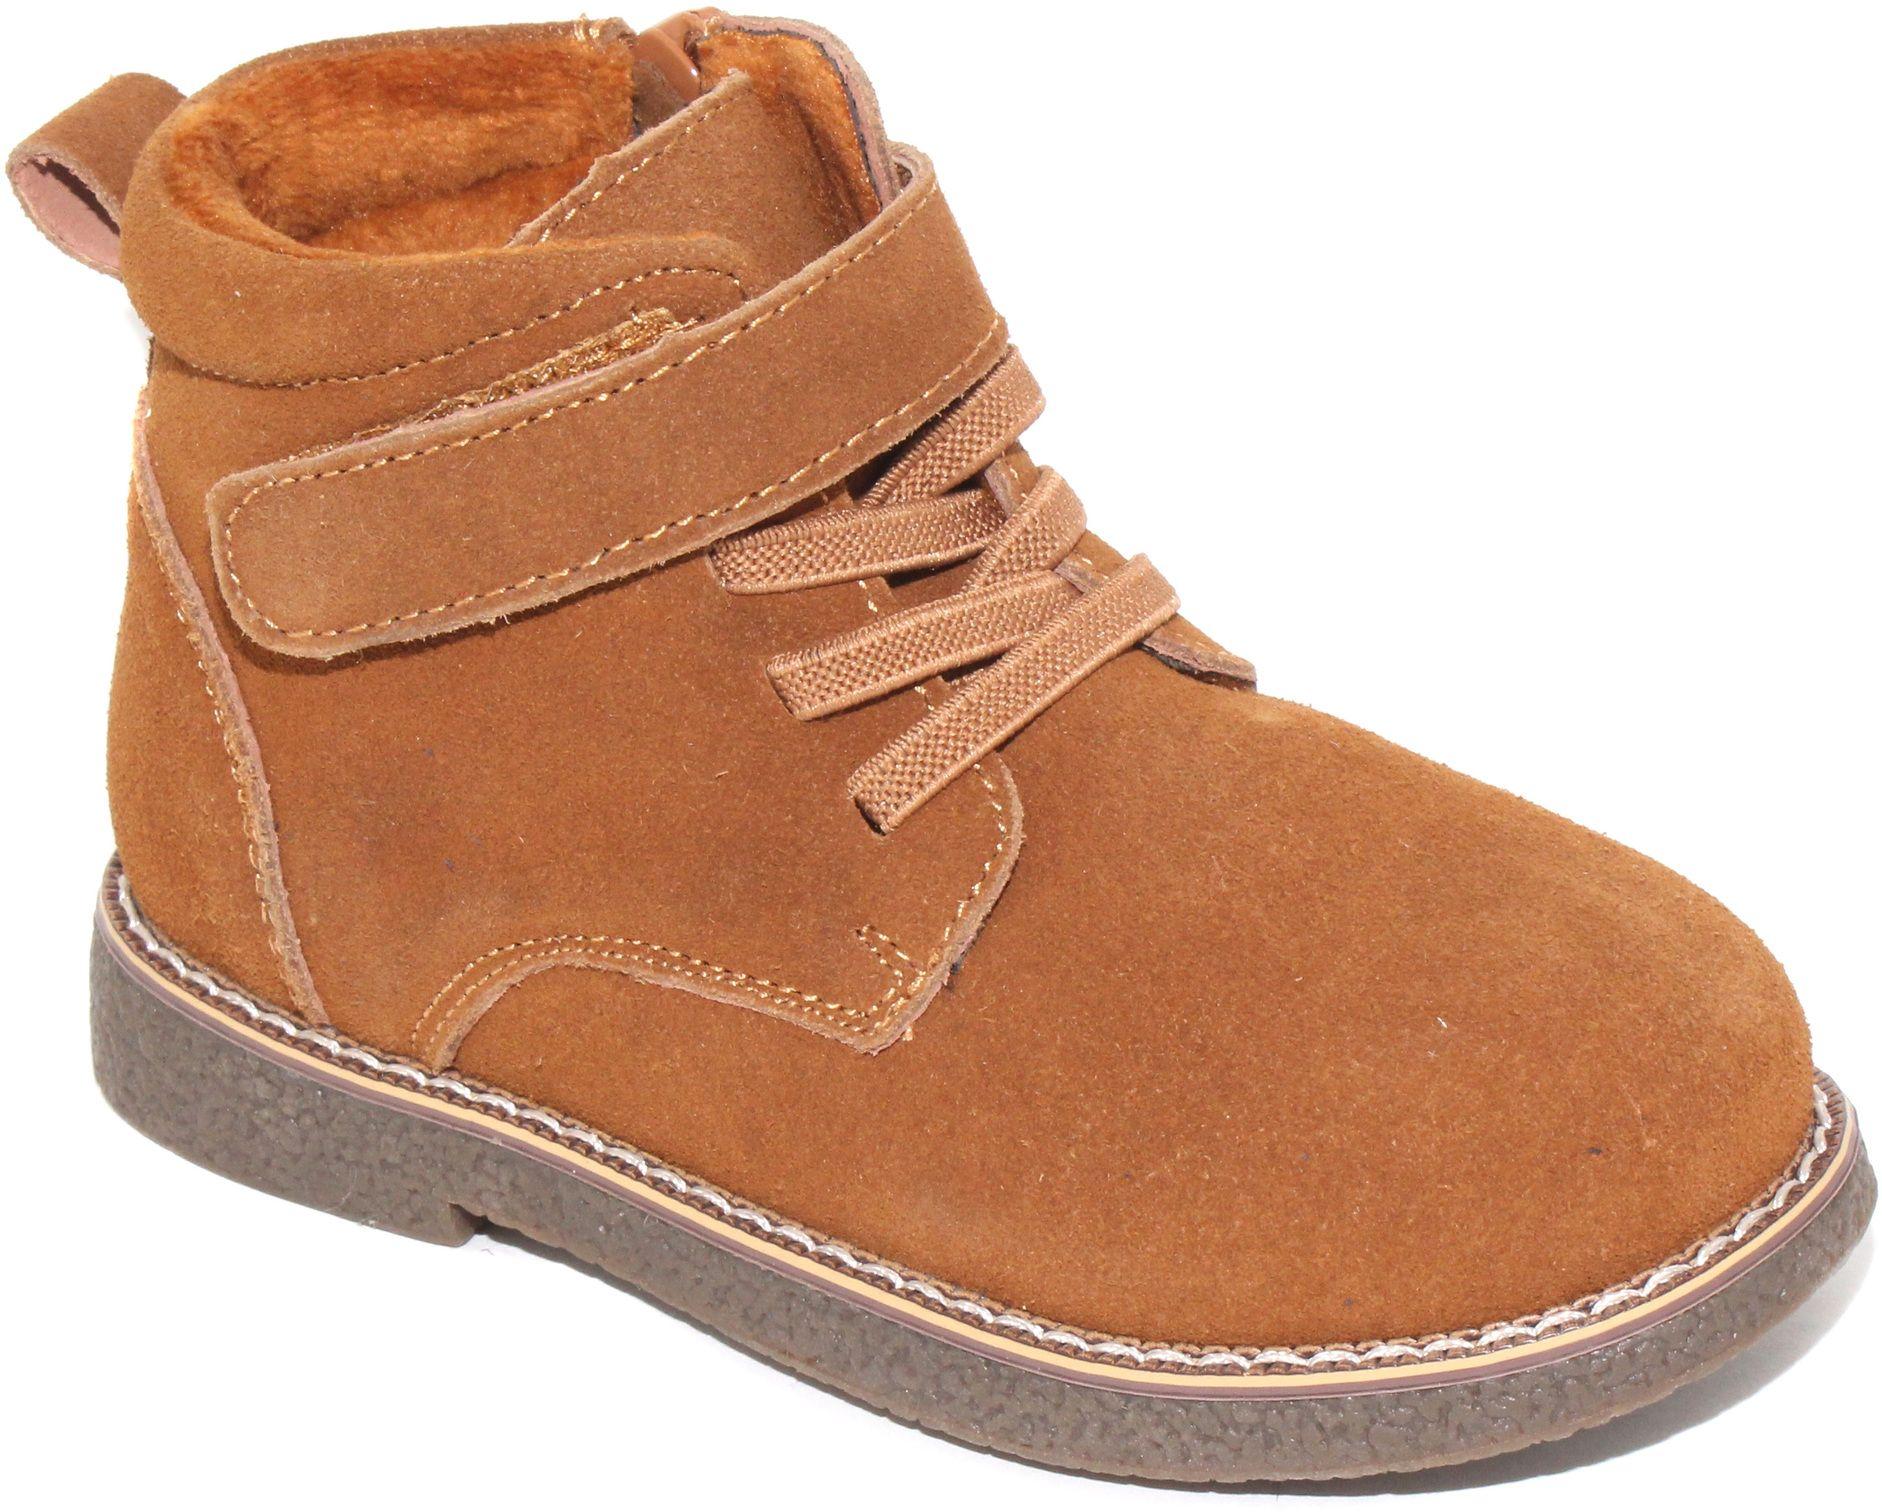 Ботинки для мальчика Капитошка, цвет: песочный. F7750. Размер 30F7750Модные ботинки от Капитошка придутся по душе вам и вашему мальчику! Модель выполнена из натуральной кожи. Ярлычок на заднике предназначен для удобства обувания. Ботинки застегиваются на молнию, расположенную на одной из боковых сторон. Эластичная шнуровка и ремешок на застежке-липучке прочно зафиксируют изделие на ноге. Удобные ботинки - необходимая вещь в гардеробе каждого ребенка.